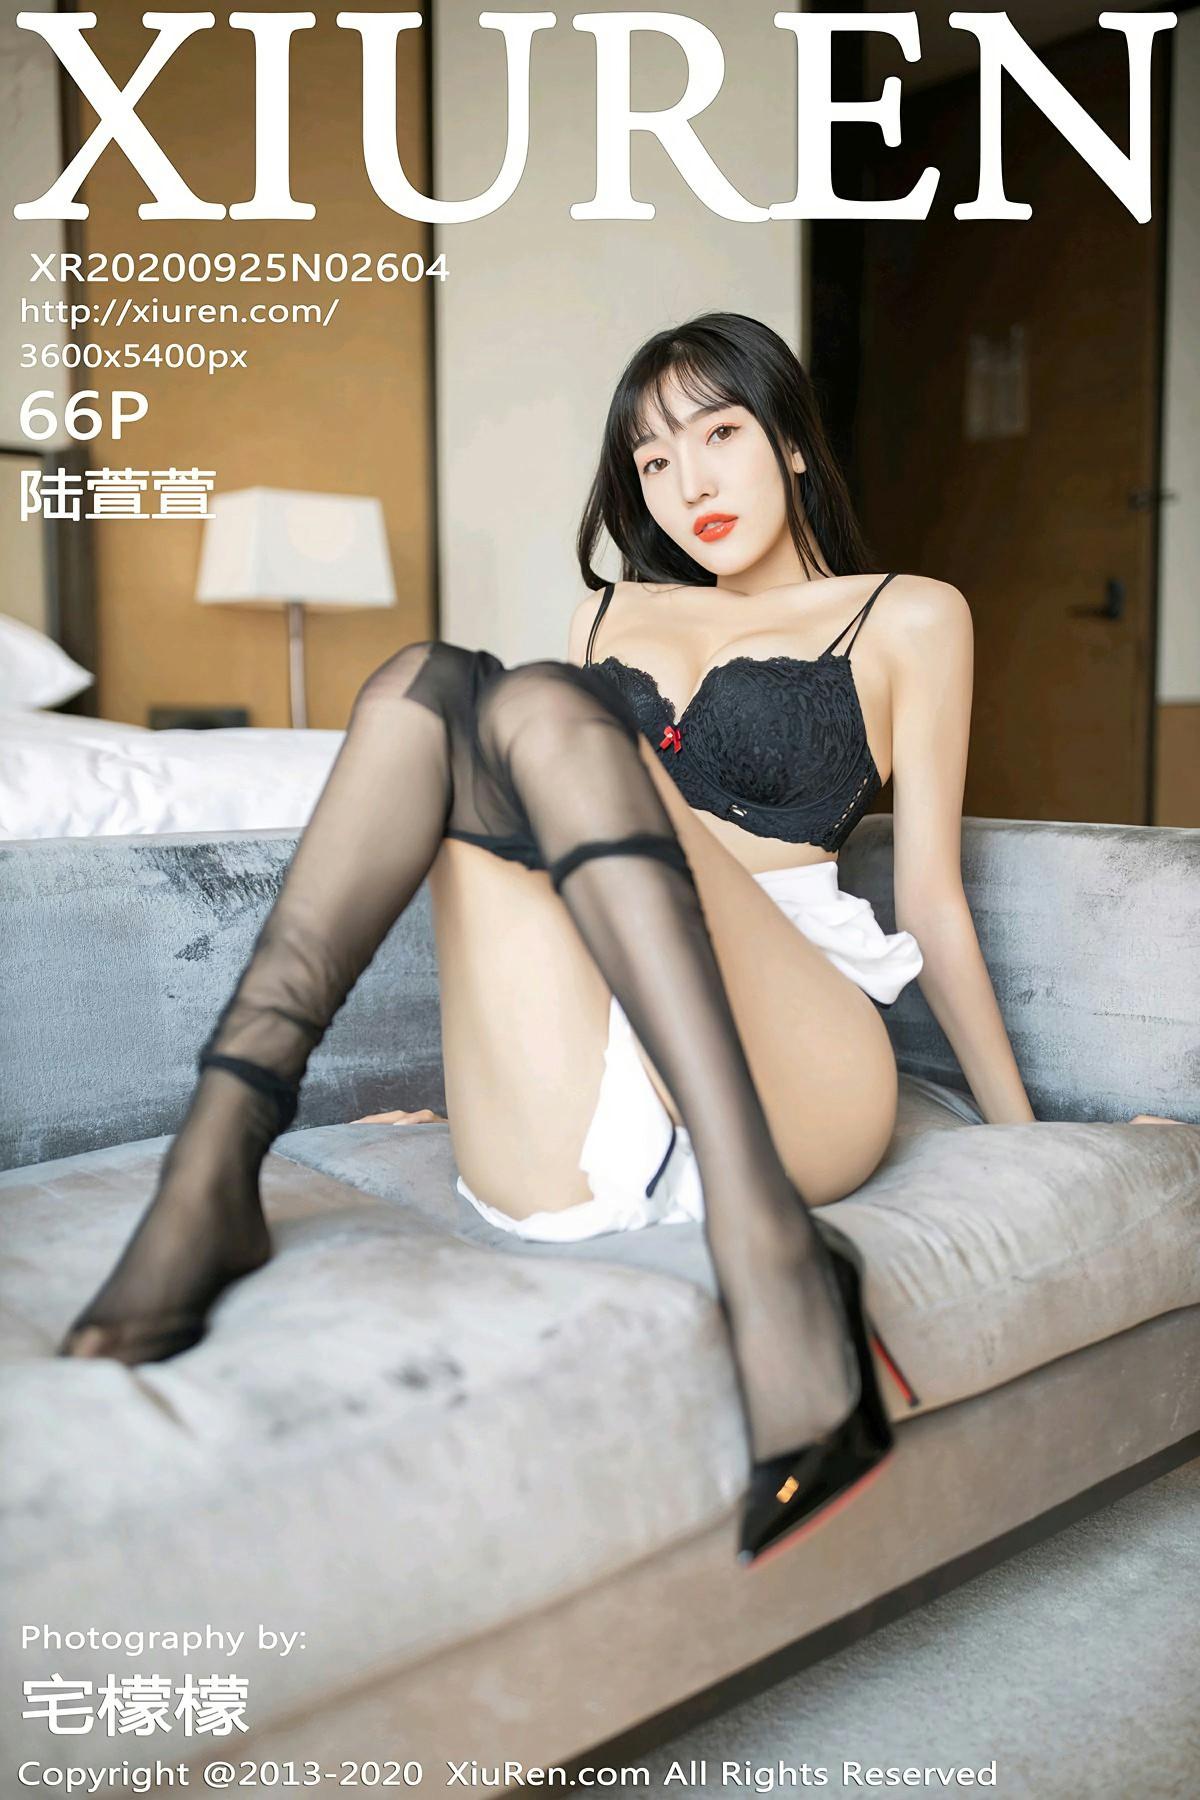 [XiuRen秀人网] 2020.09.25 No.2604 陆萱萱 第1张